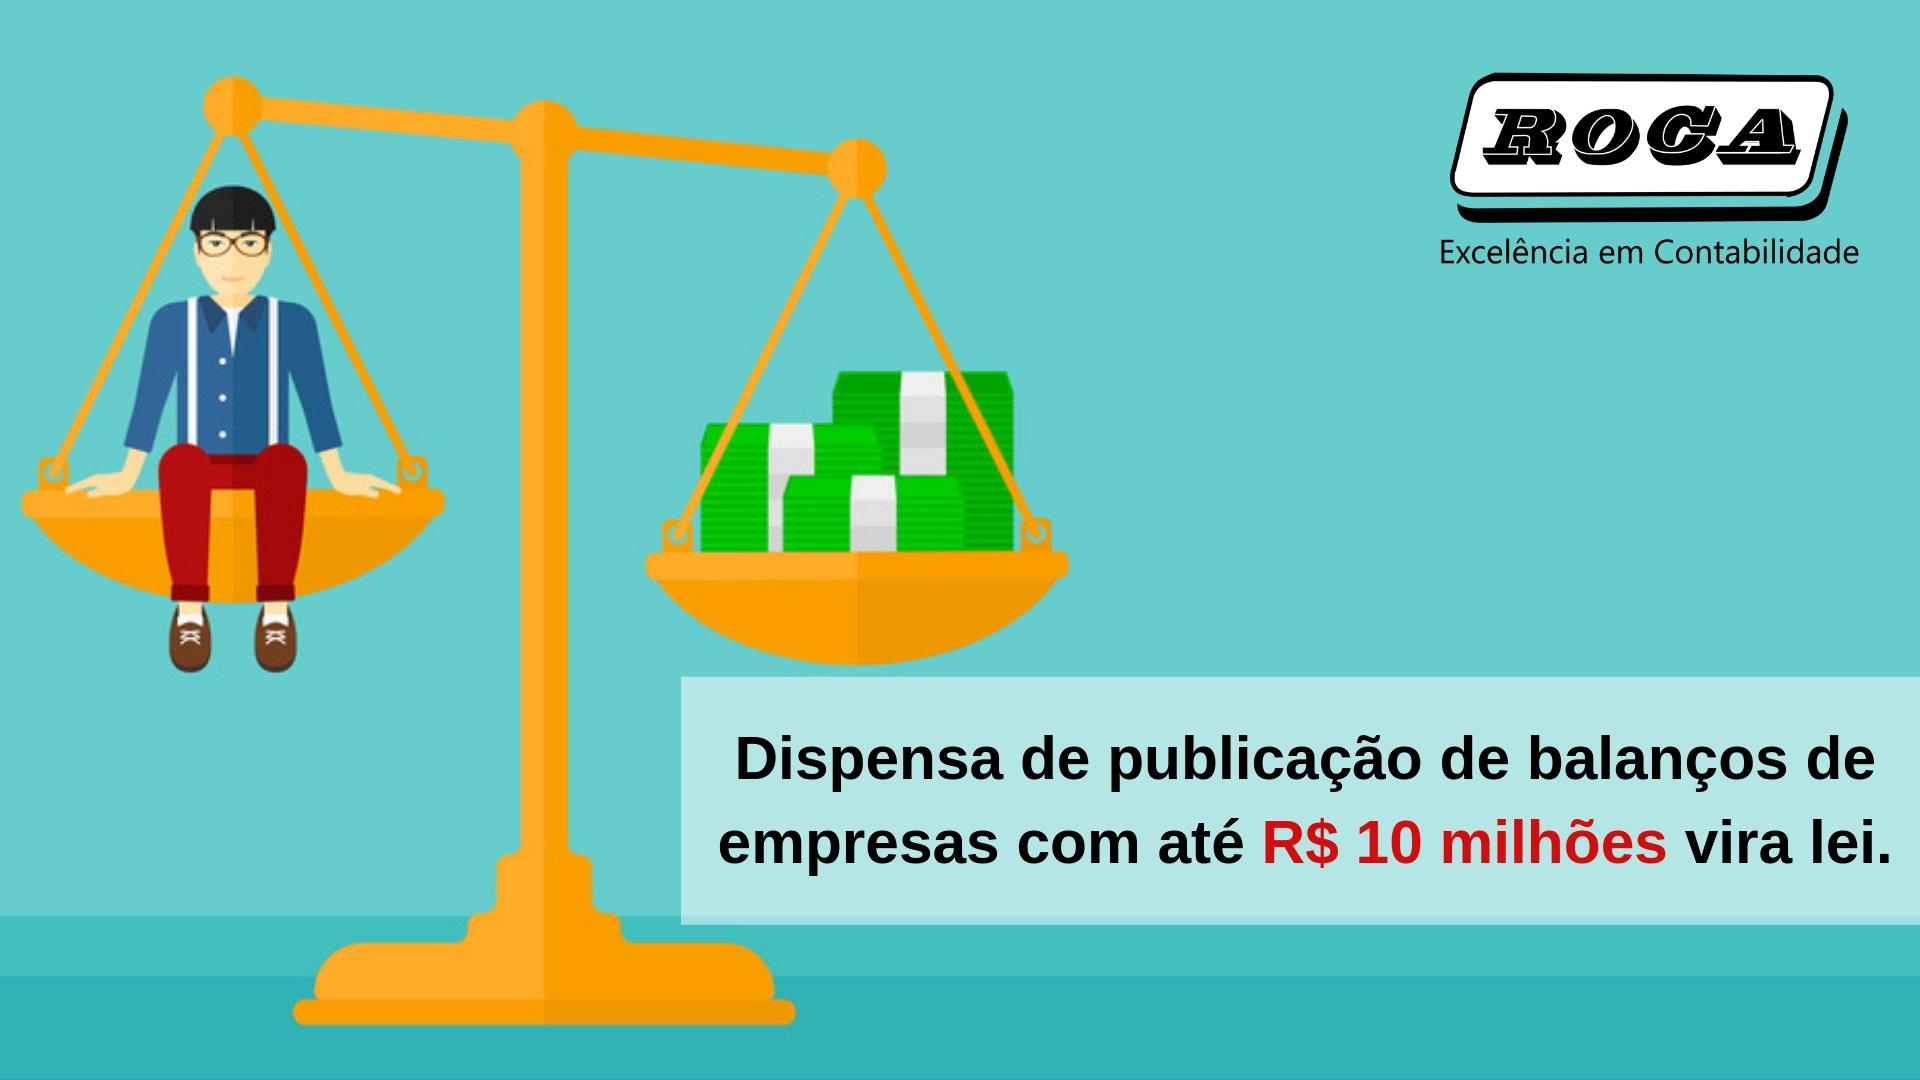 Dispensa De Publicação De Balanços De Empresas Com Até R$ 10 Milhões Vira Lei.